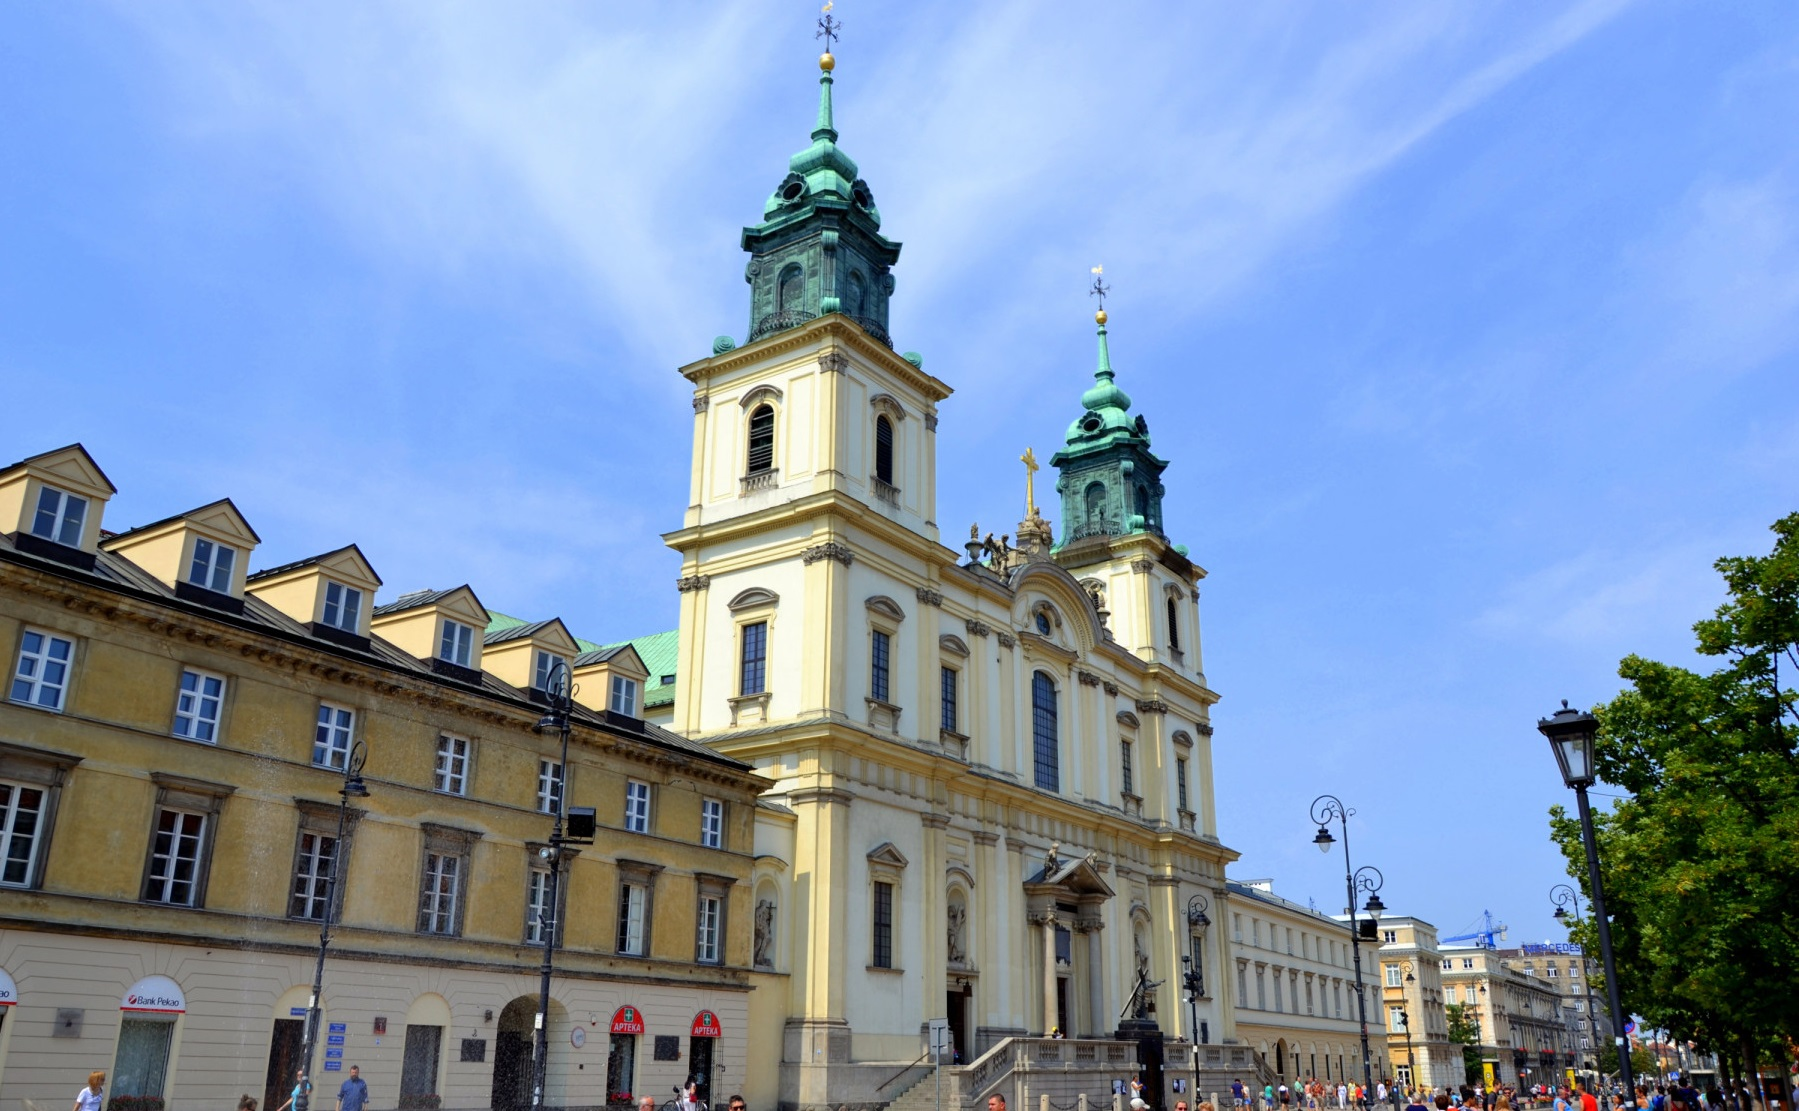 Достопримечательности Варшавы - Костел Святого Креста